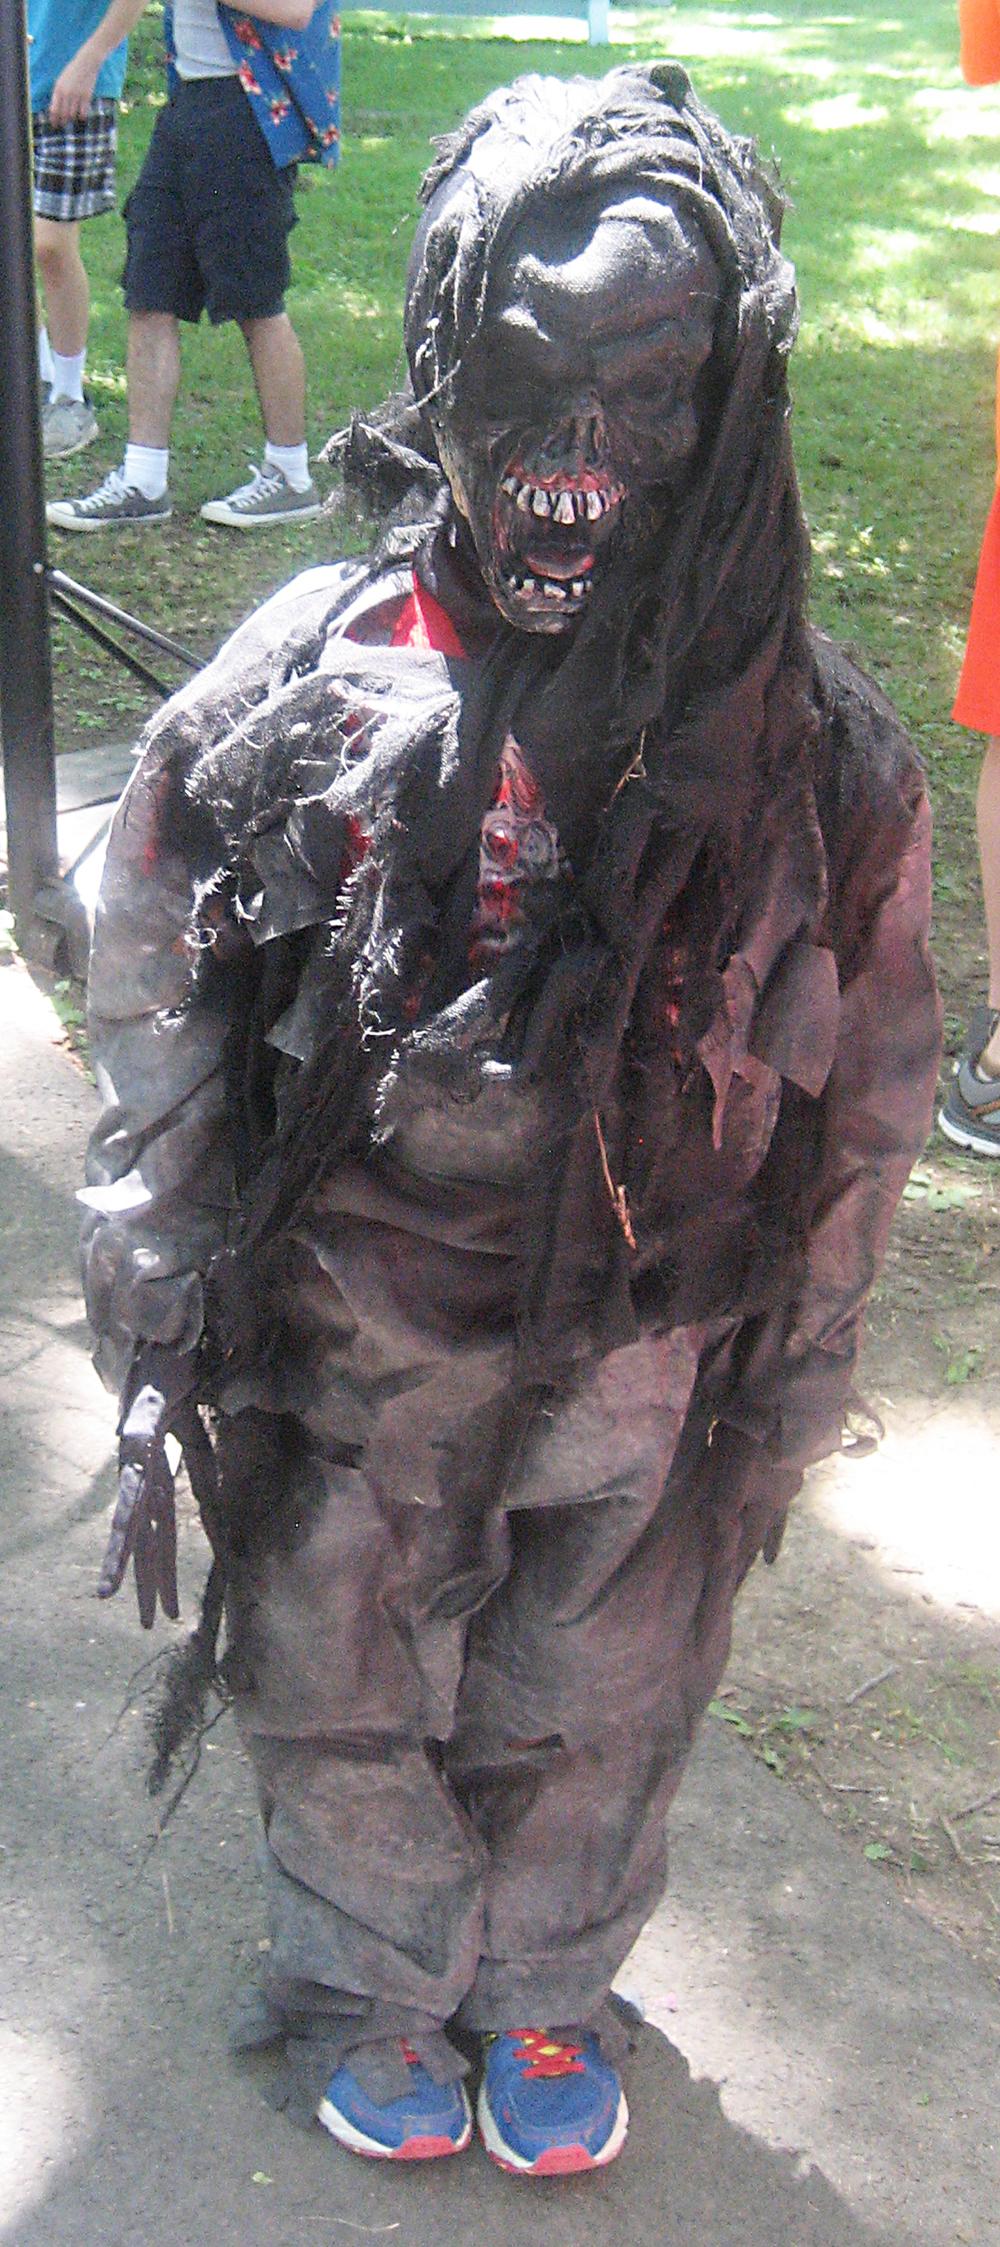 HalloweenKidsG_072215_IMG_9131.jpg